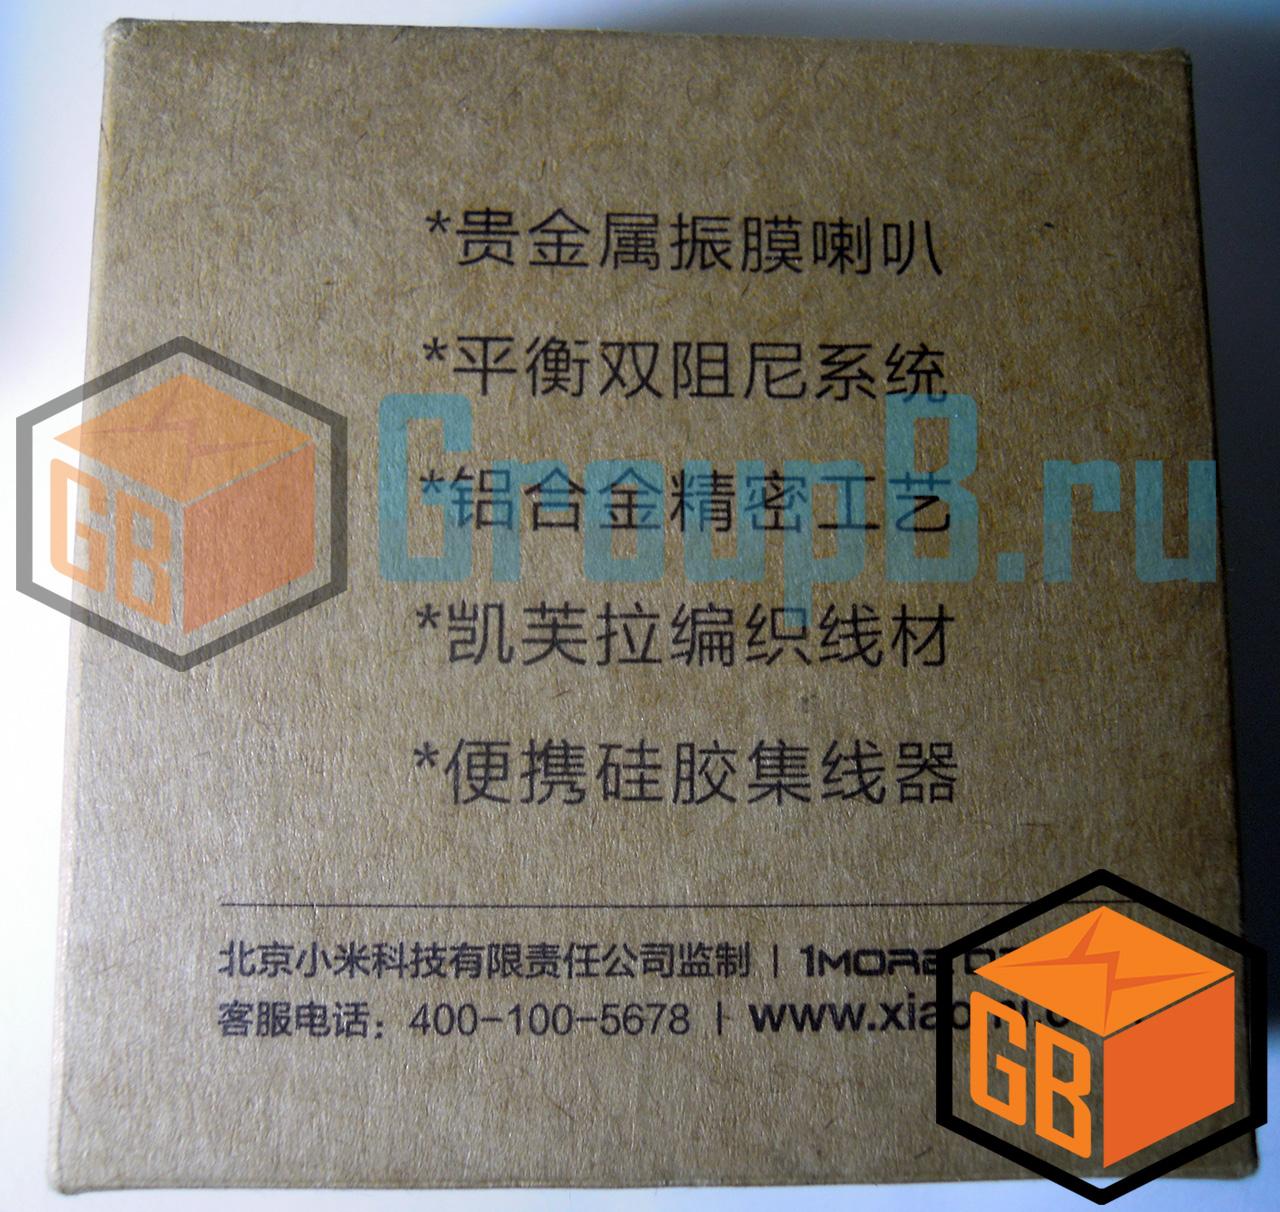 xiaomi piston gold v4